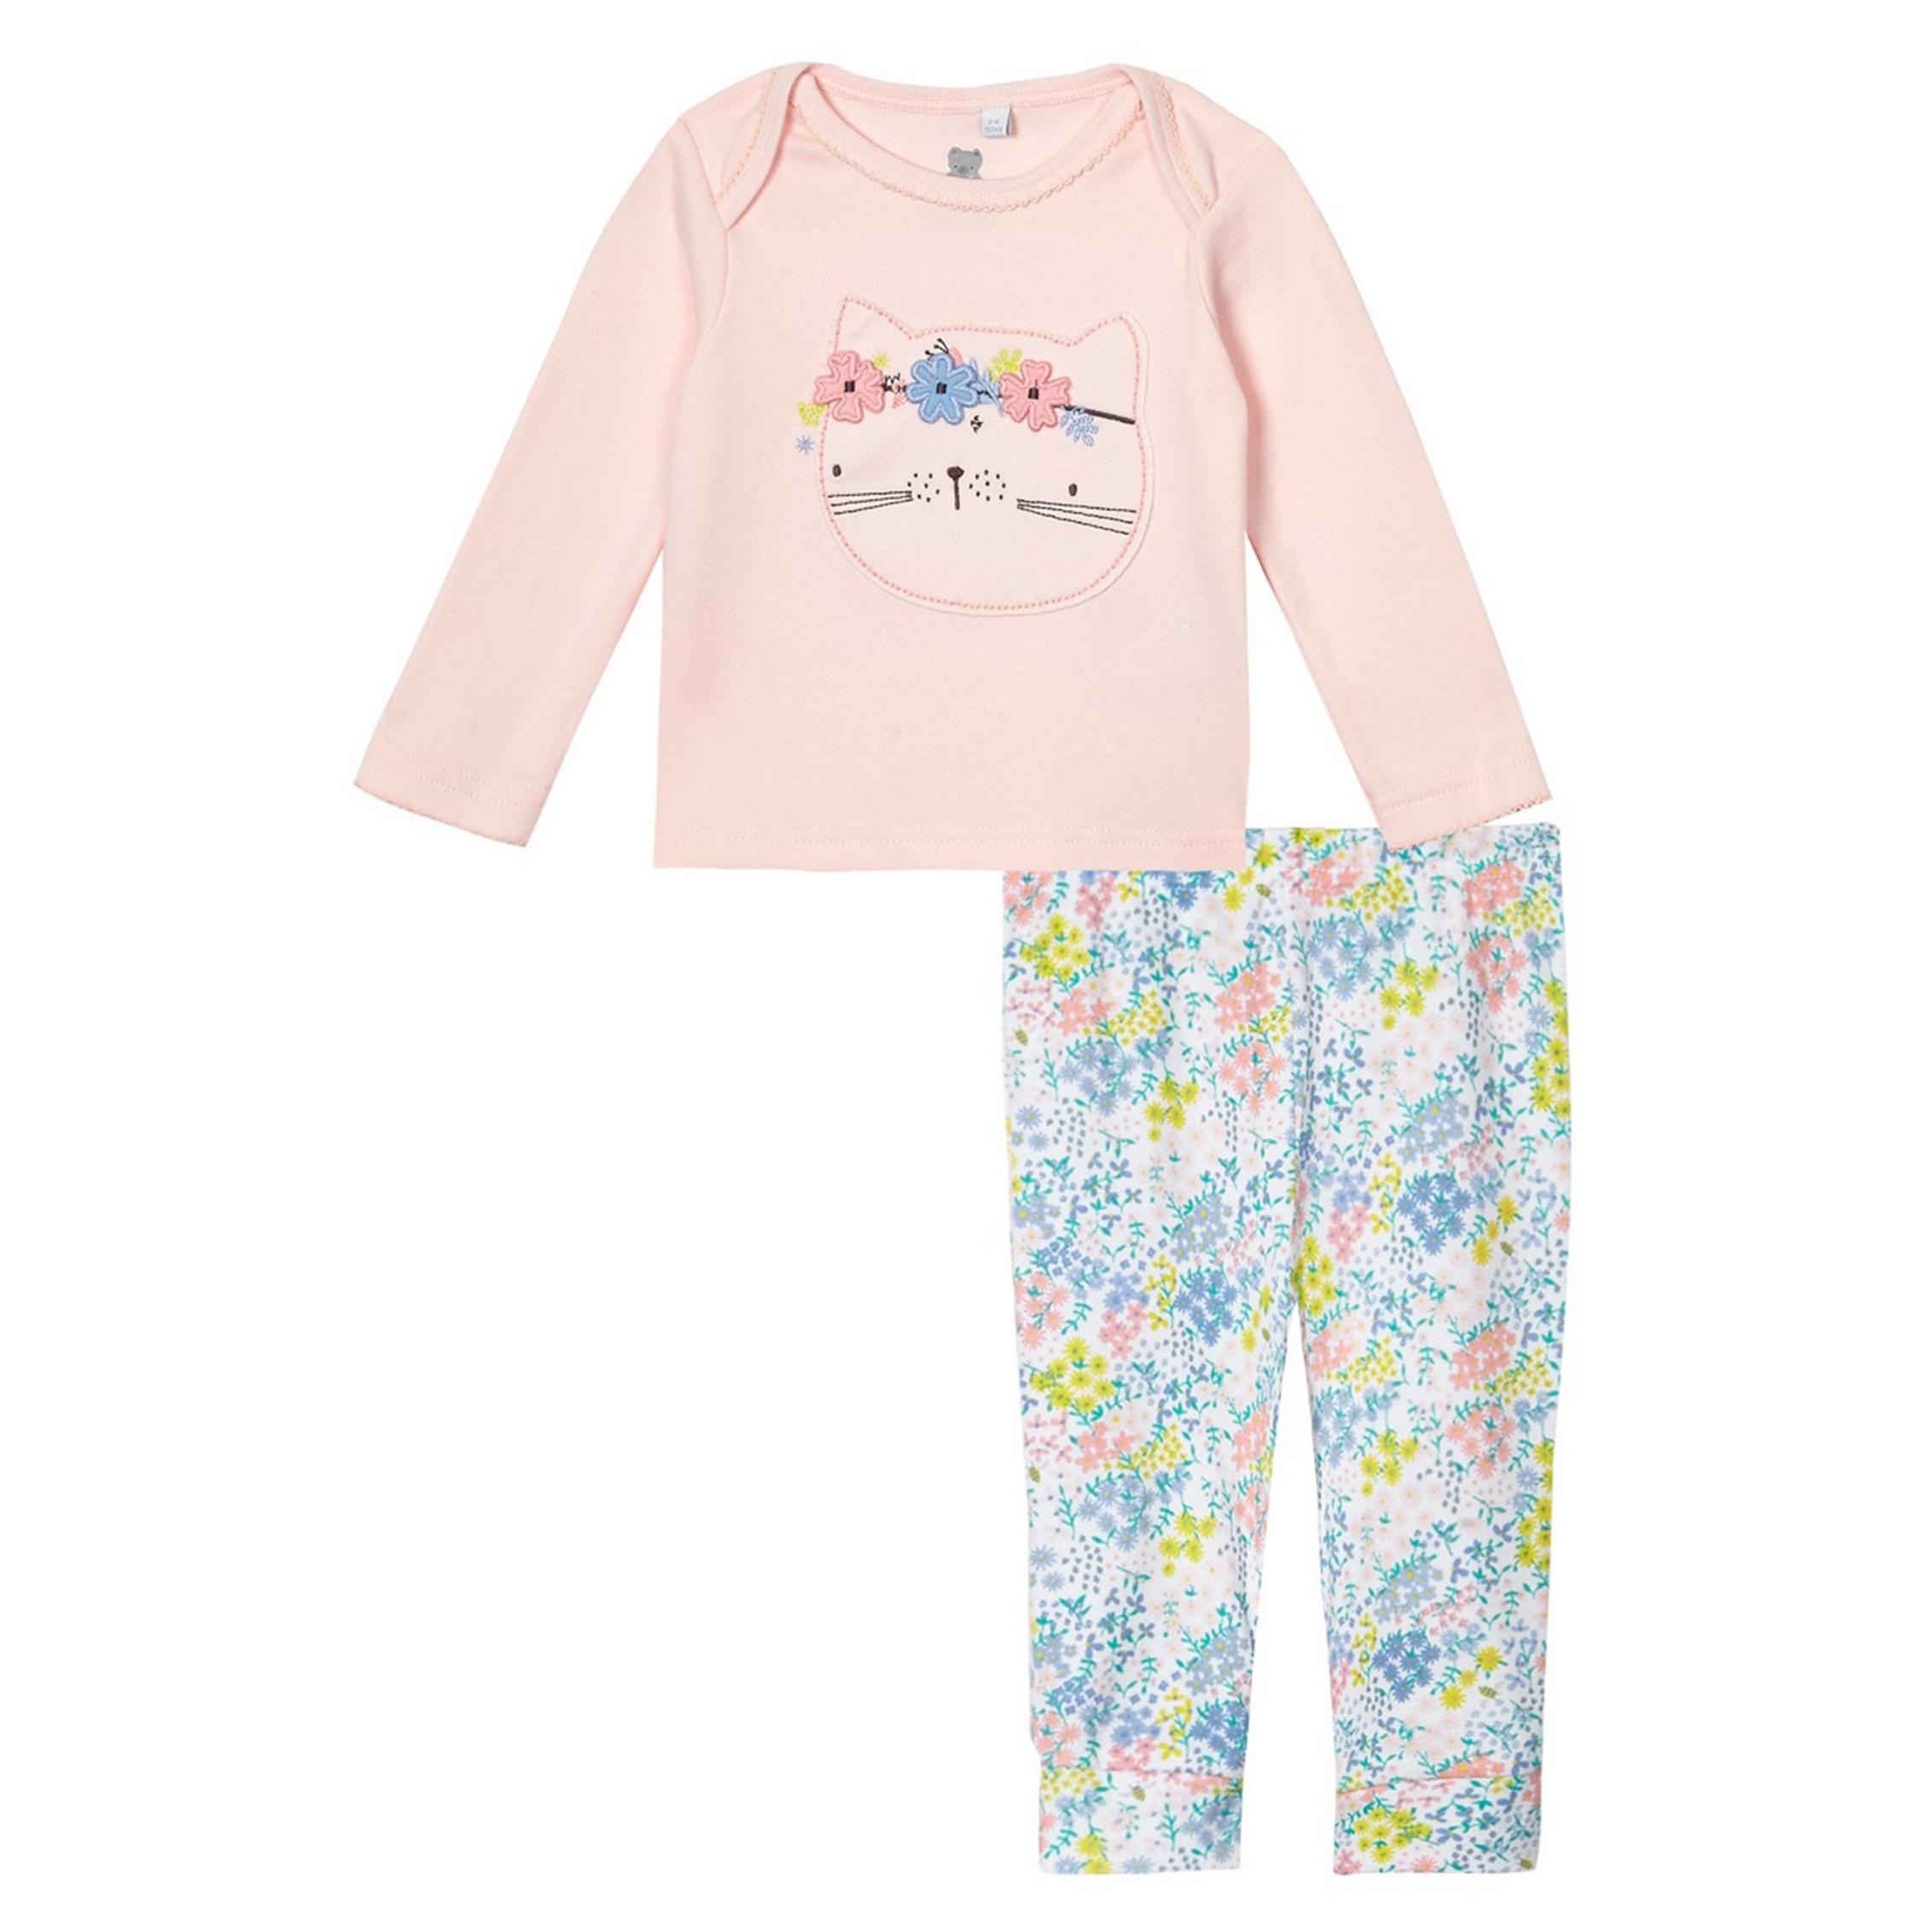 ست لباس راحتی نوزاد